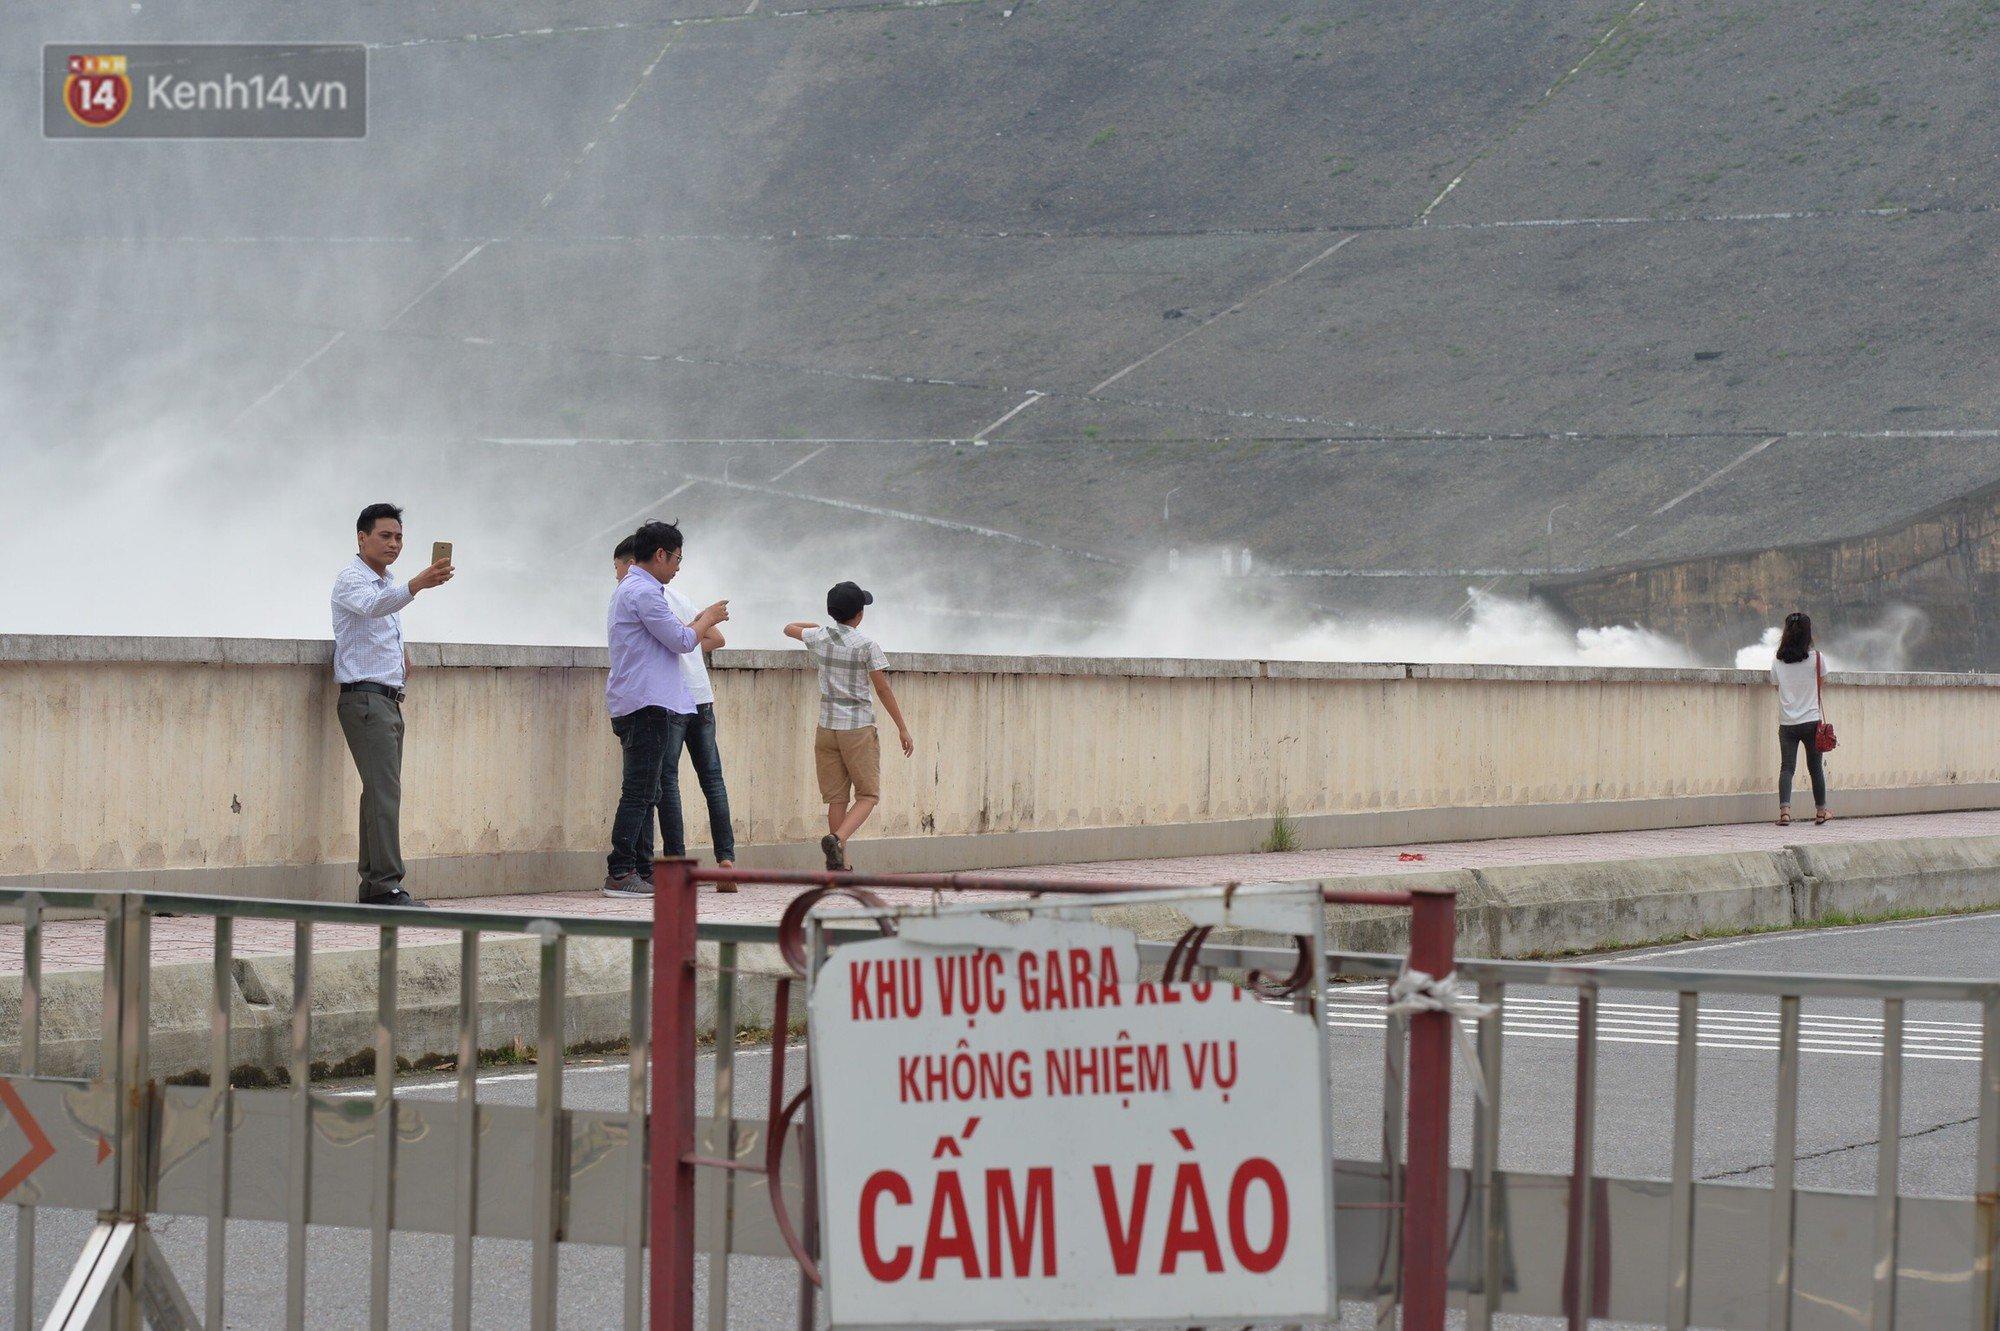 Người dân bất chấp nguy hiểm, kéo đến chụp ảnh thủy điện Hòa Bình xả lũ 8